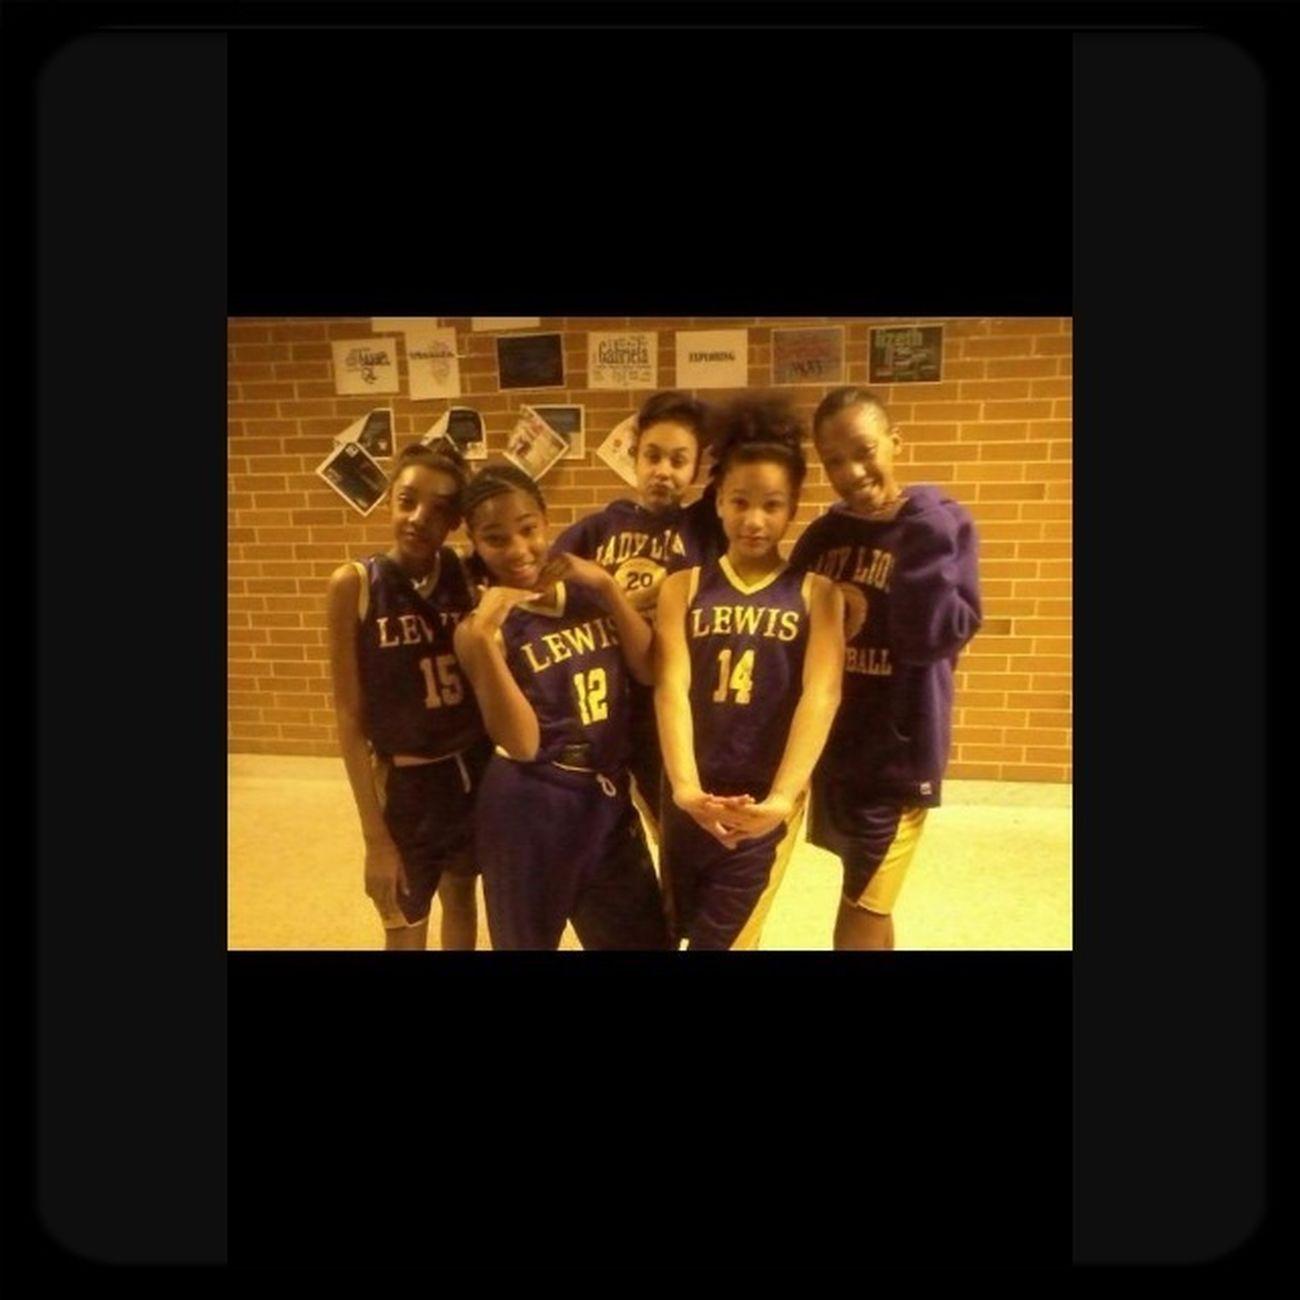 Me Nd Tha Team